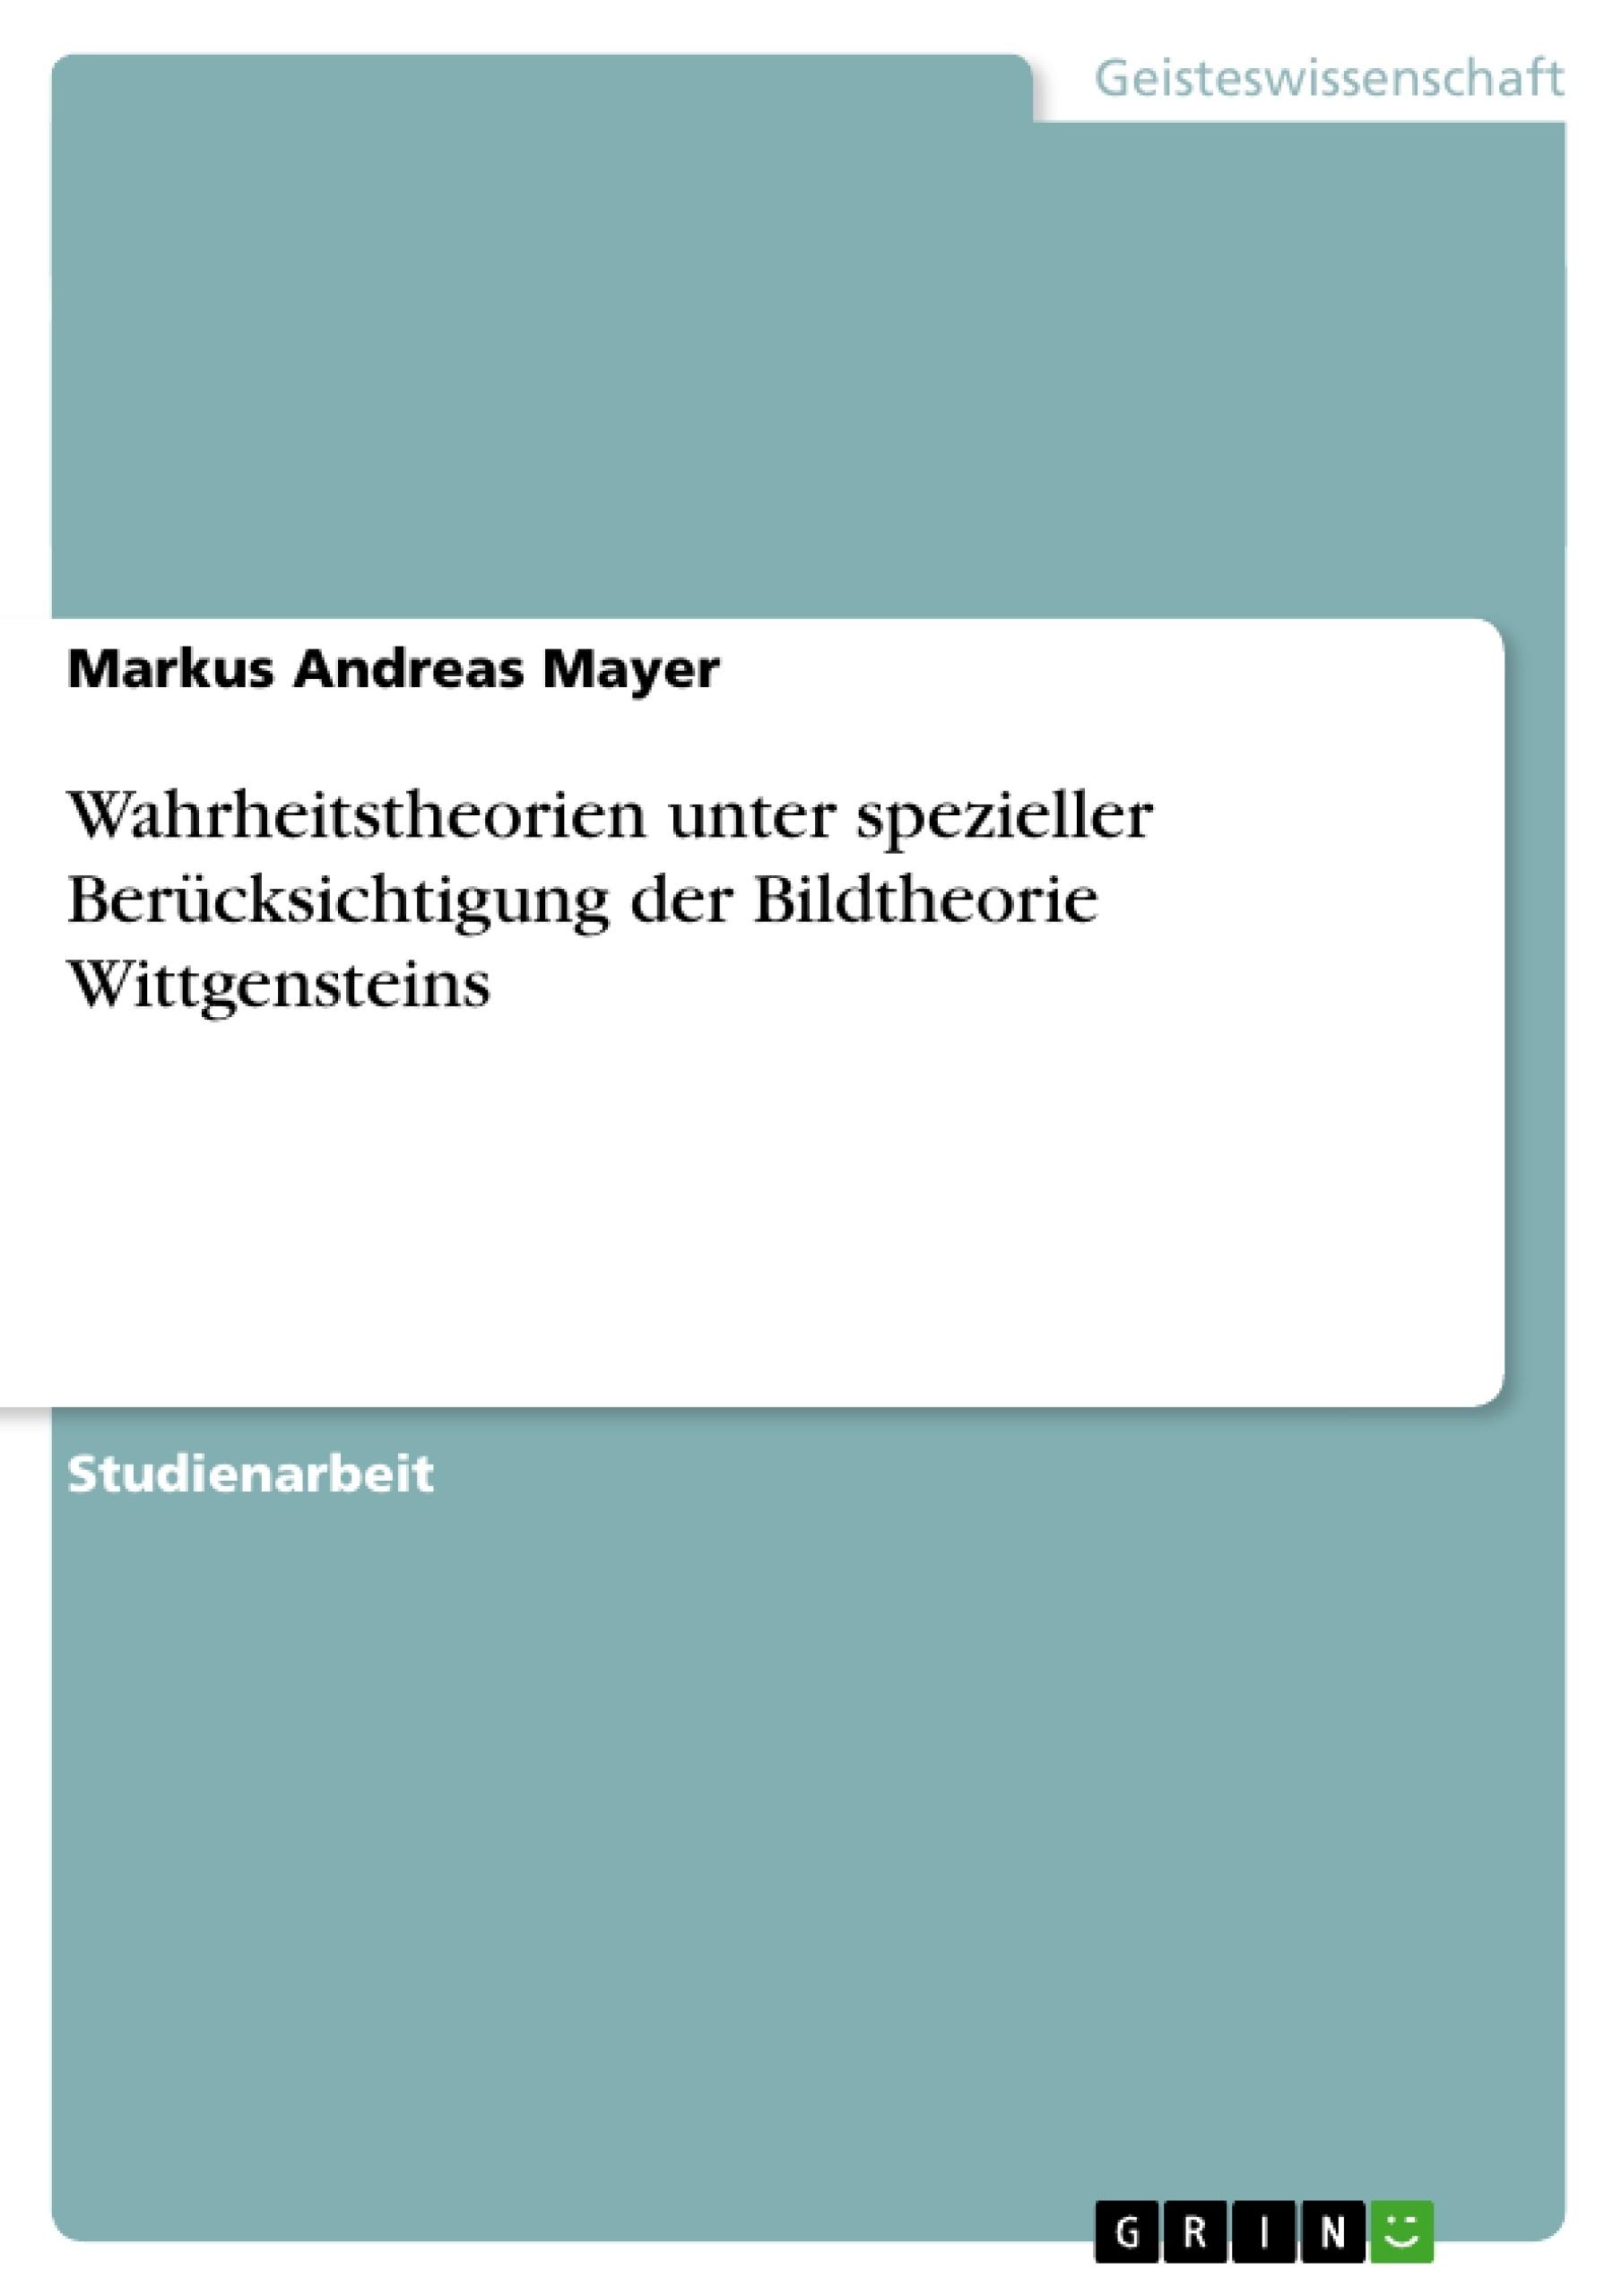 Titel: Wahrheitstheorien unter spezieller Berücksichtigung der Bildtheorie Wittgensteins